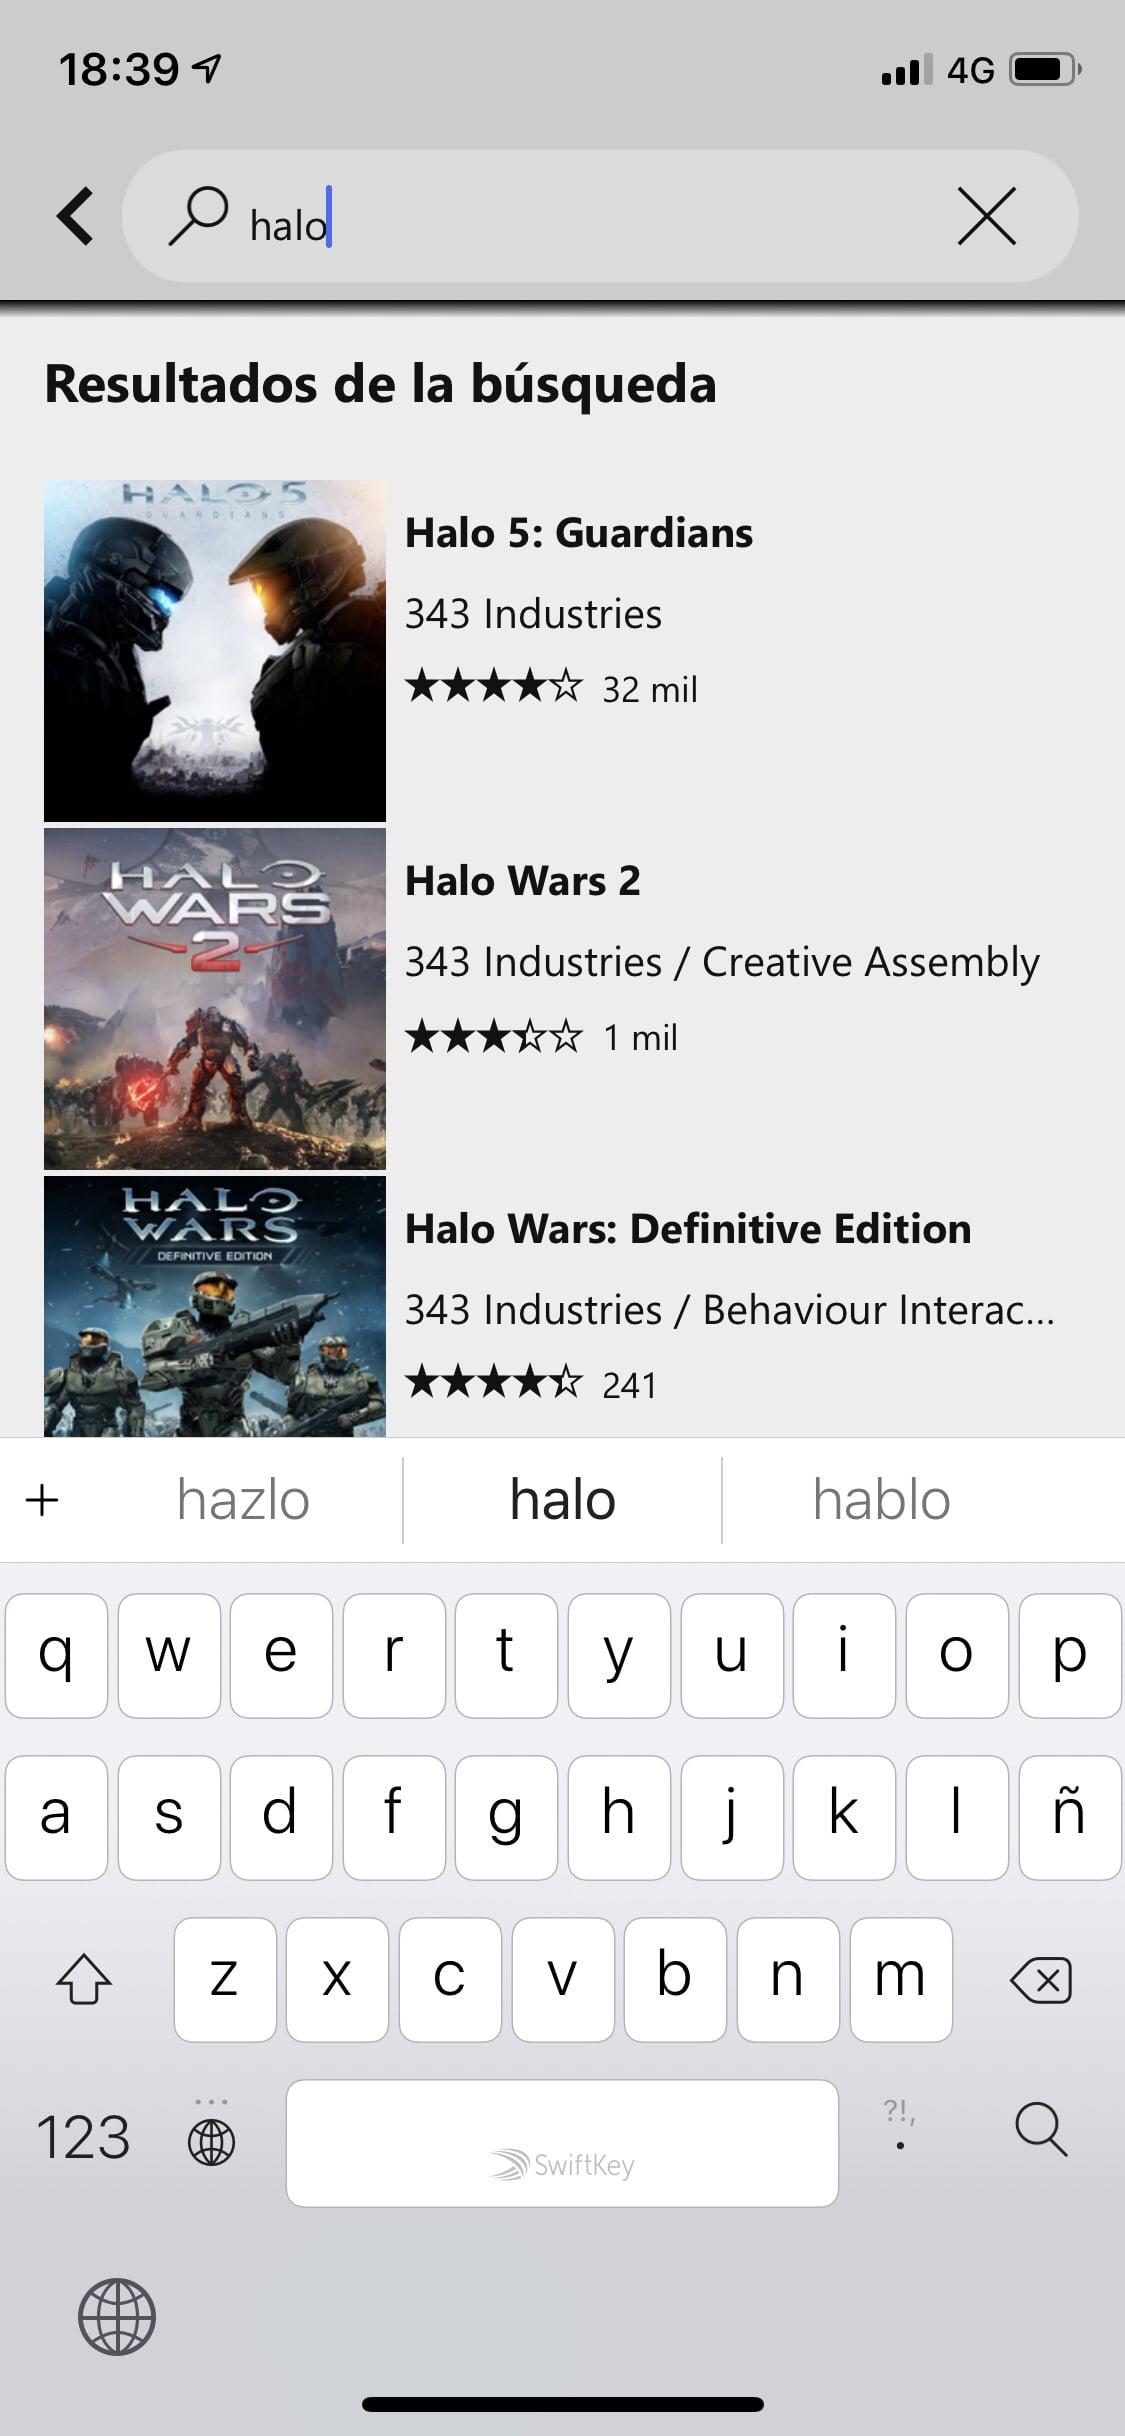 Resultados de la búsqueda en Xbox Game Pass para iOS